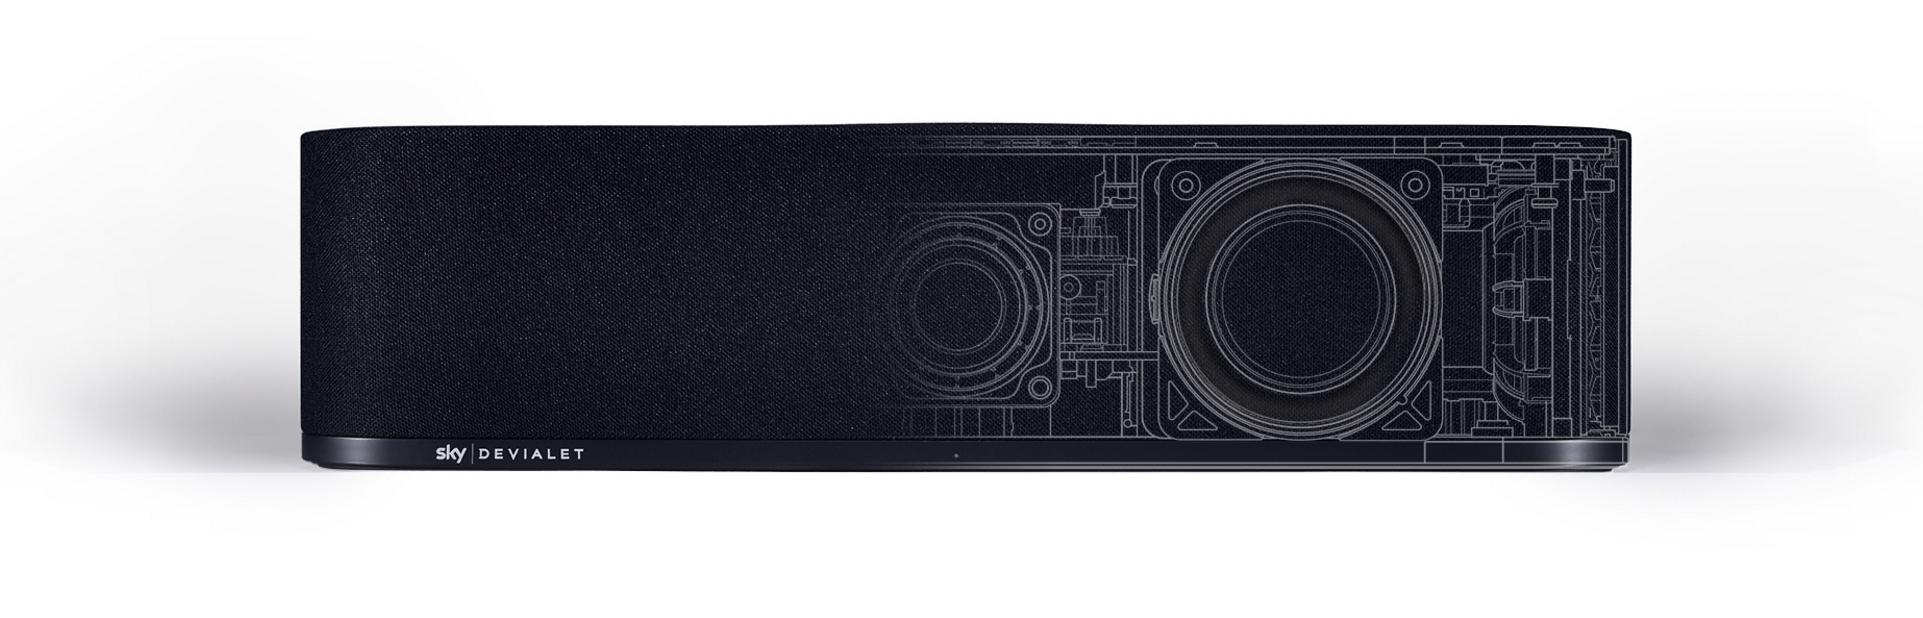 TVセットトップボックスに最高の音響システム、仏DEVIALETが英ISPにスピーカー技術をライセンス